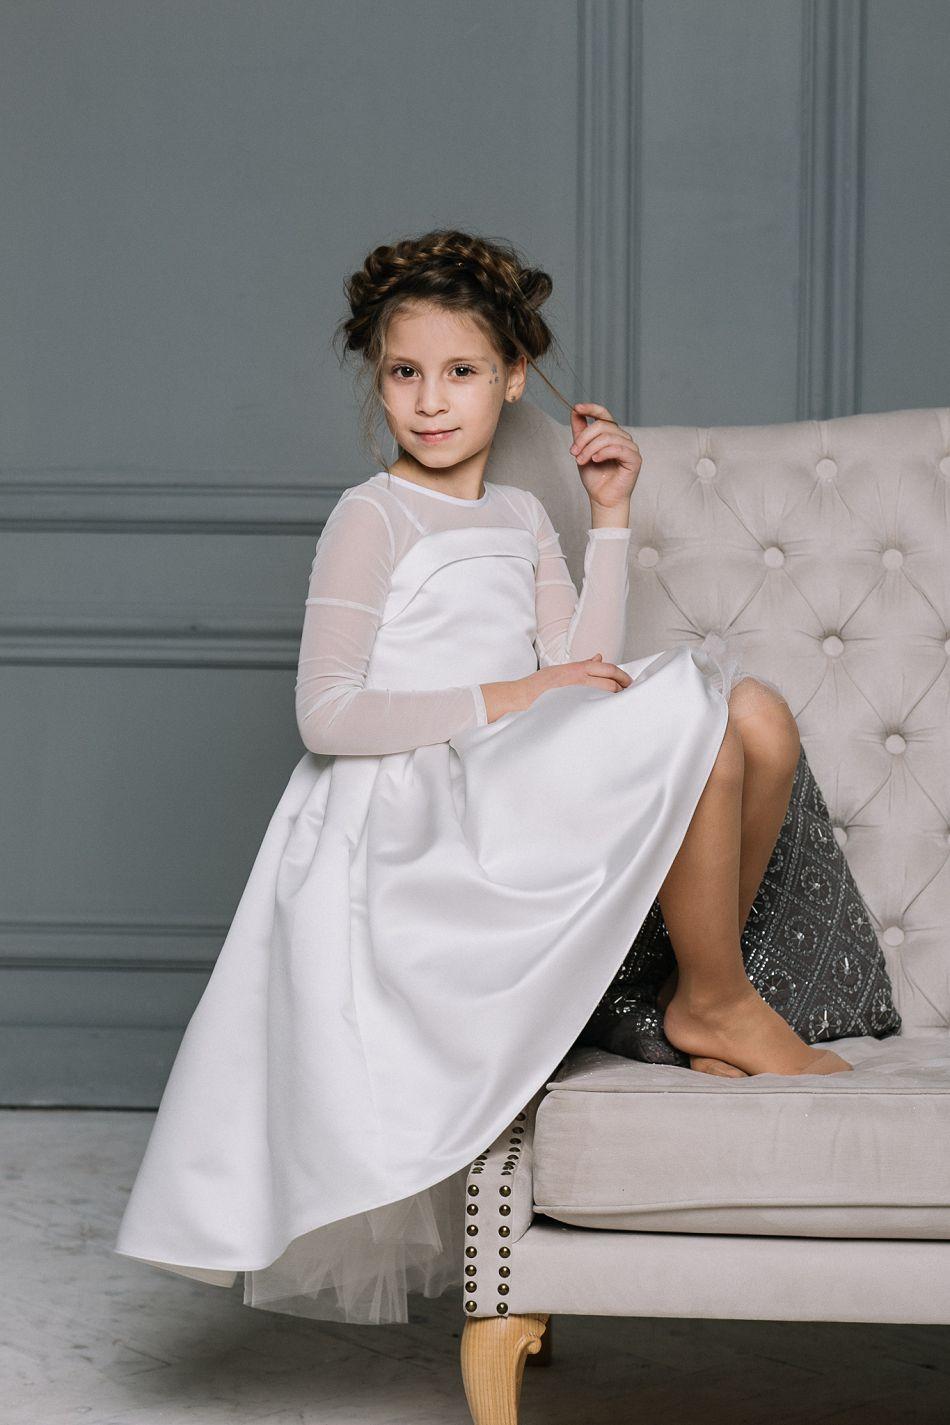 Біла святкова сукня на дівчинку